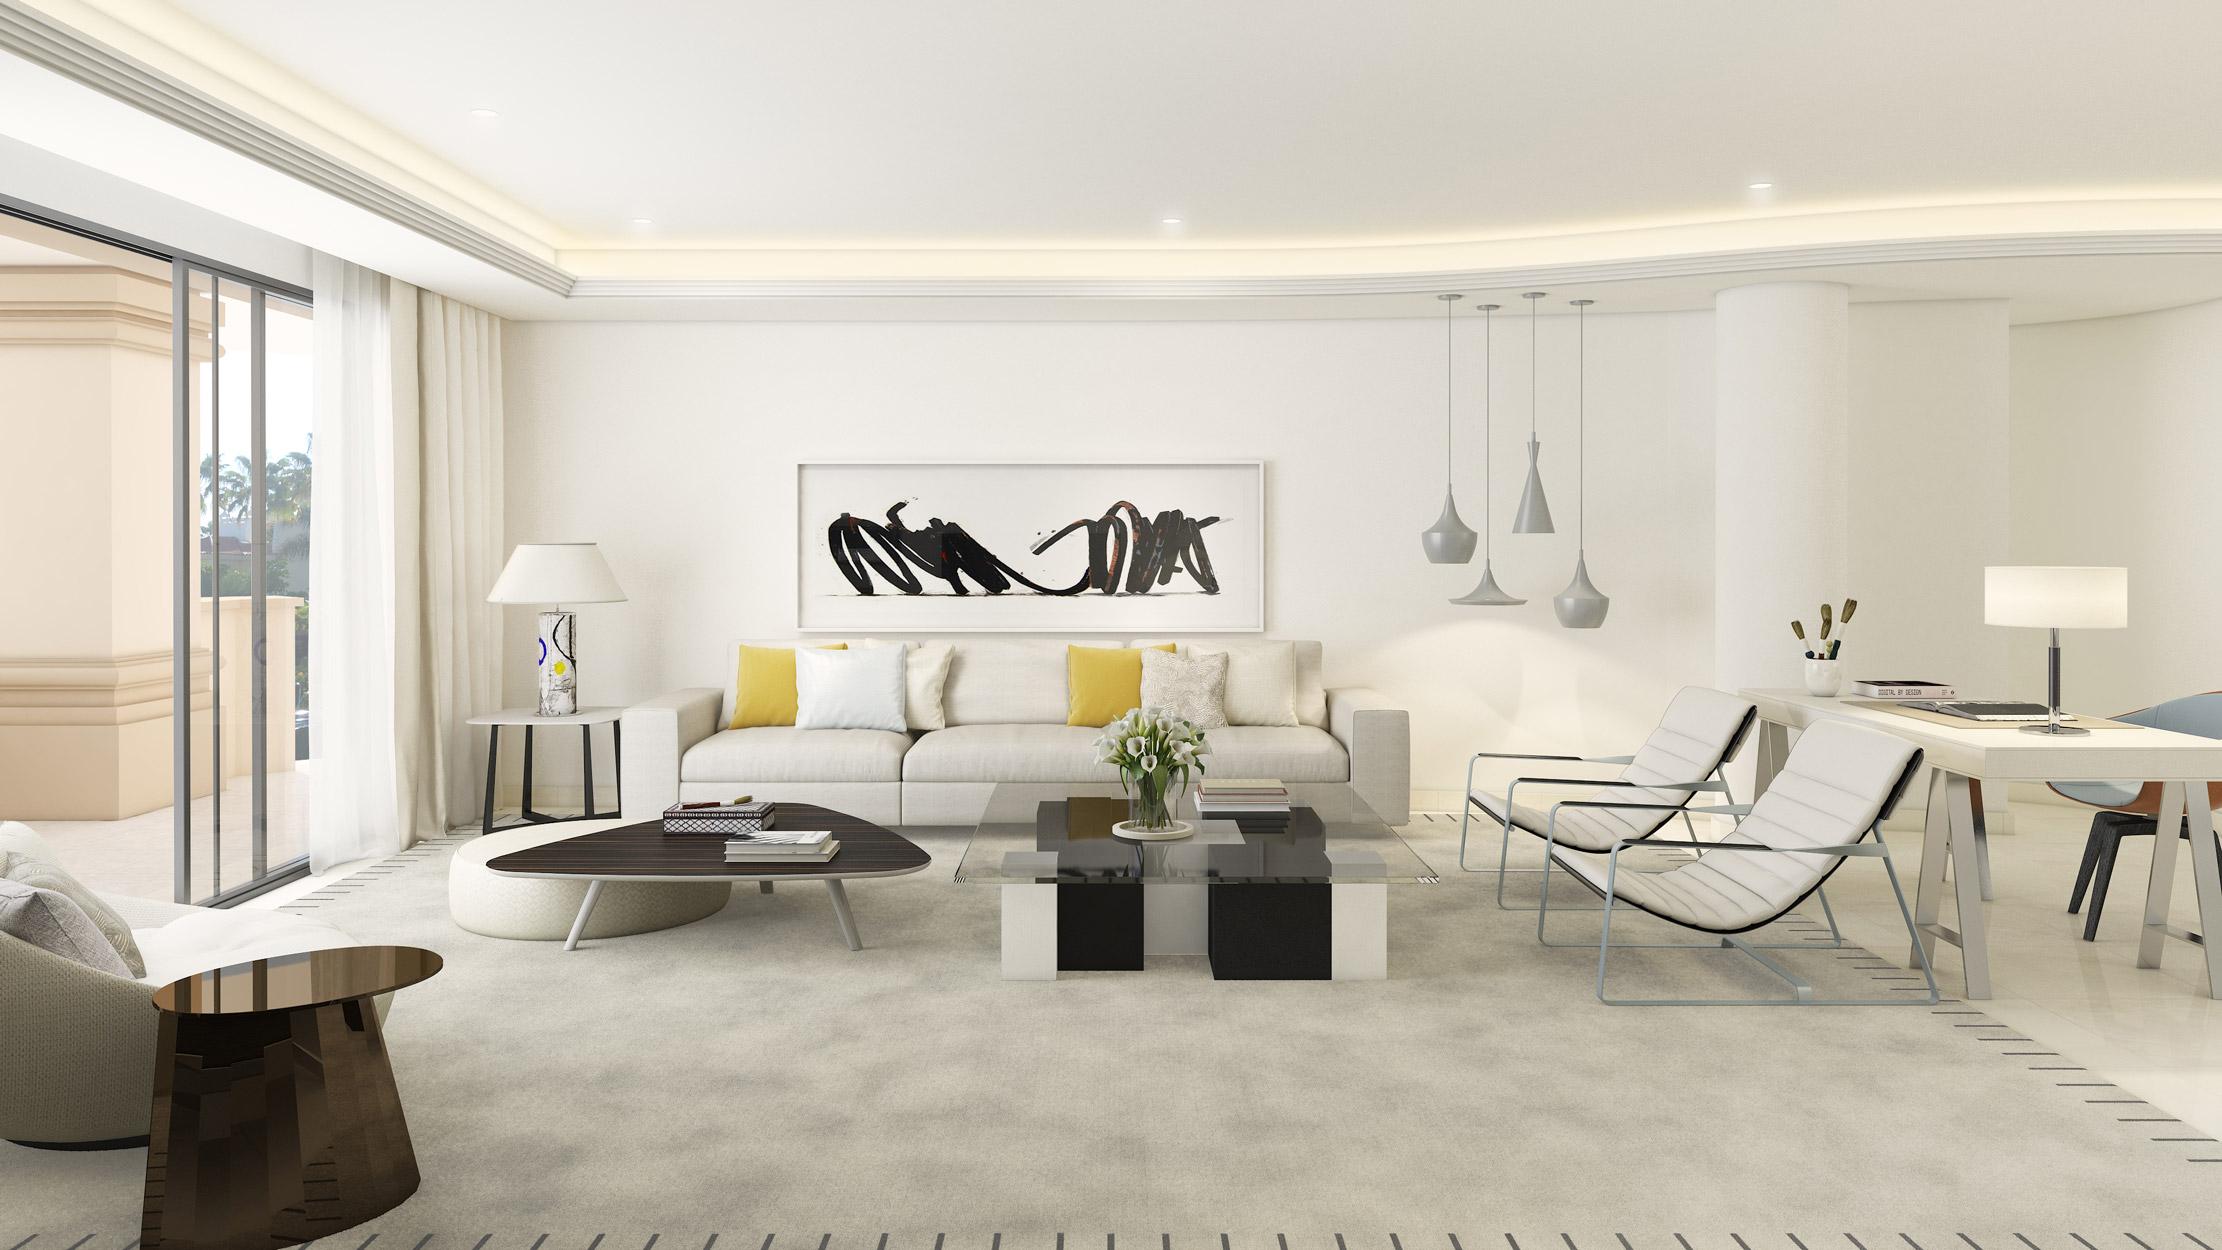 04 Jul Erik Pedro Pena Interior Decoration Marbella Design Lux 01 (4)